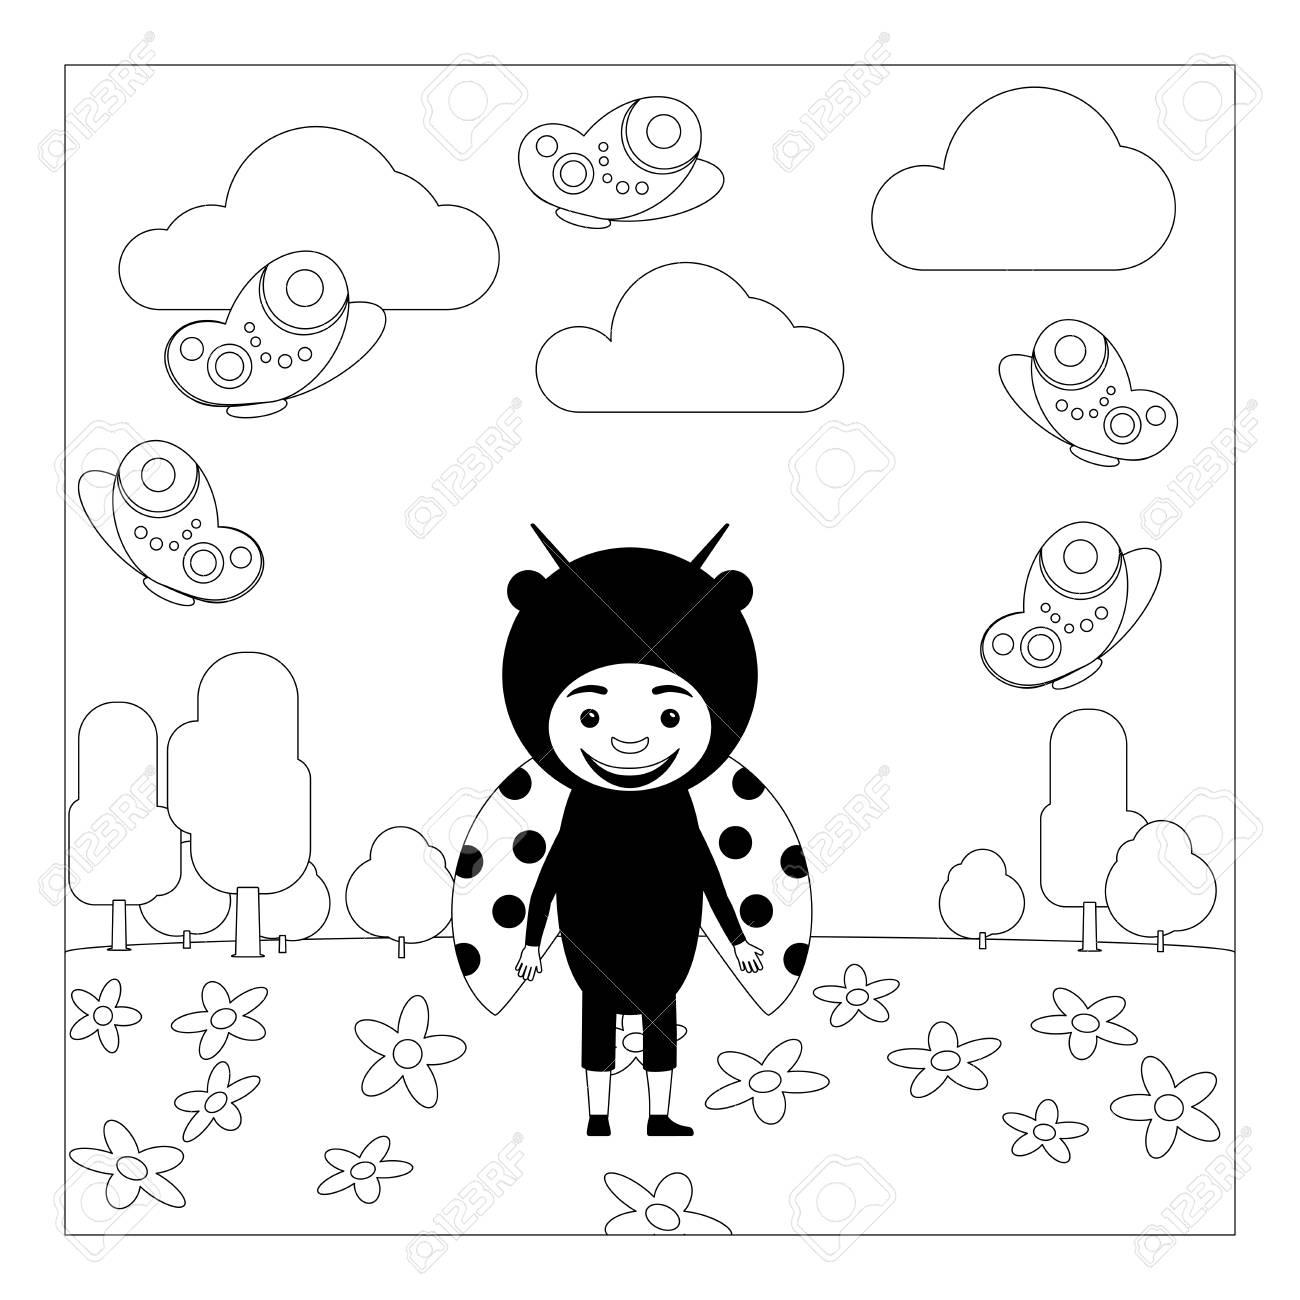 Niño En Elegante Vestido De Insecto Laduybug En El Jardín De Infantes Página Para Colorear Para Niños Ilustración Vectorial